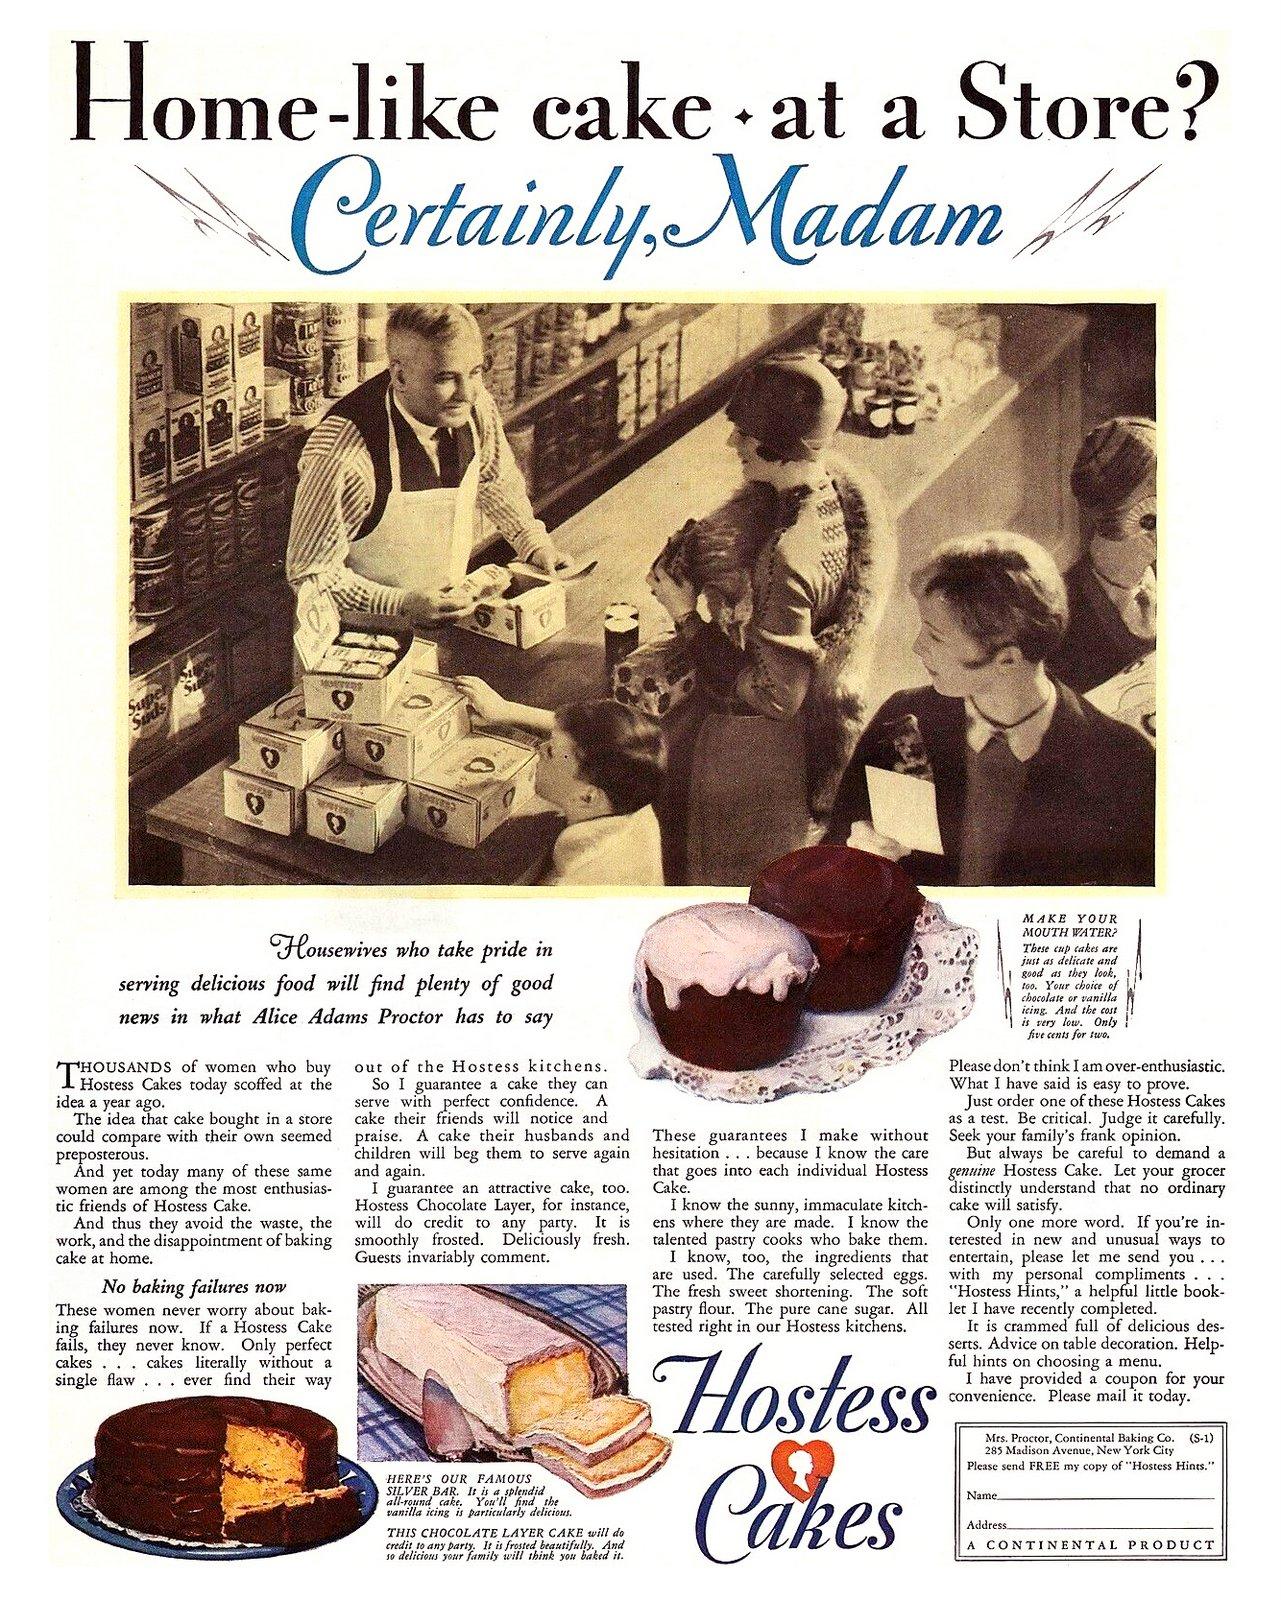 Hostess cakes - 1920s